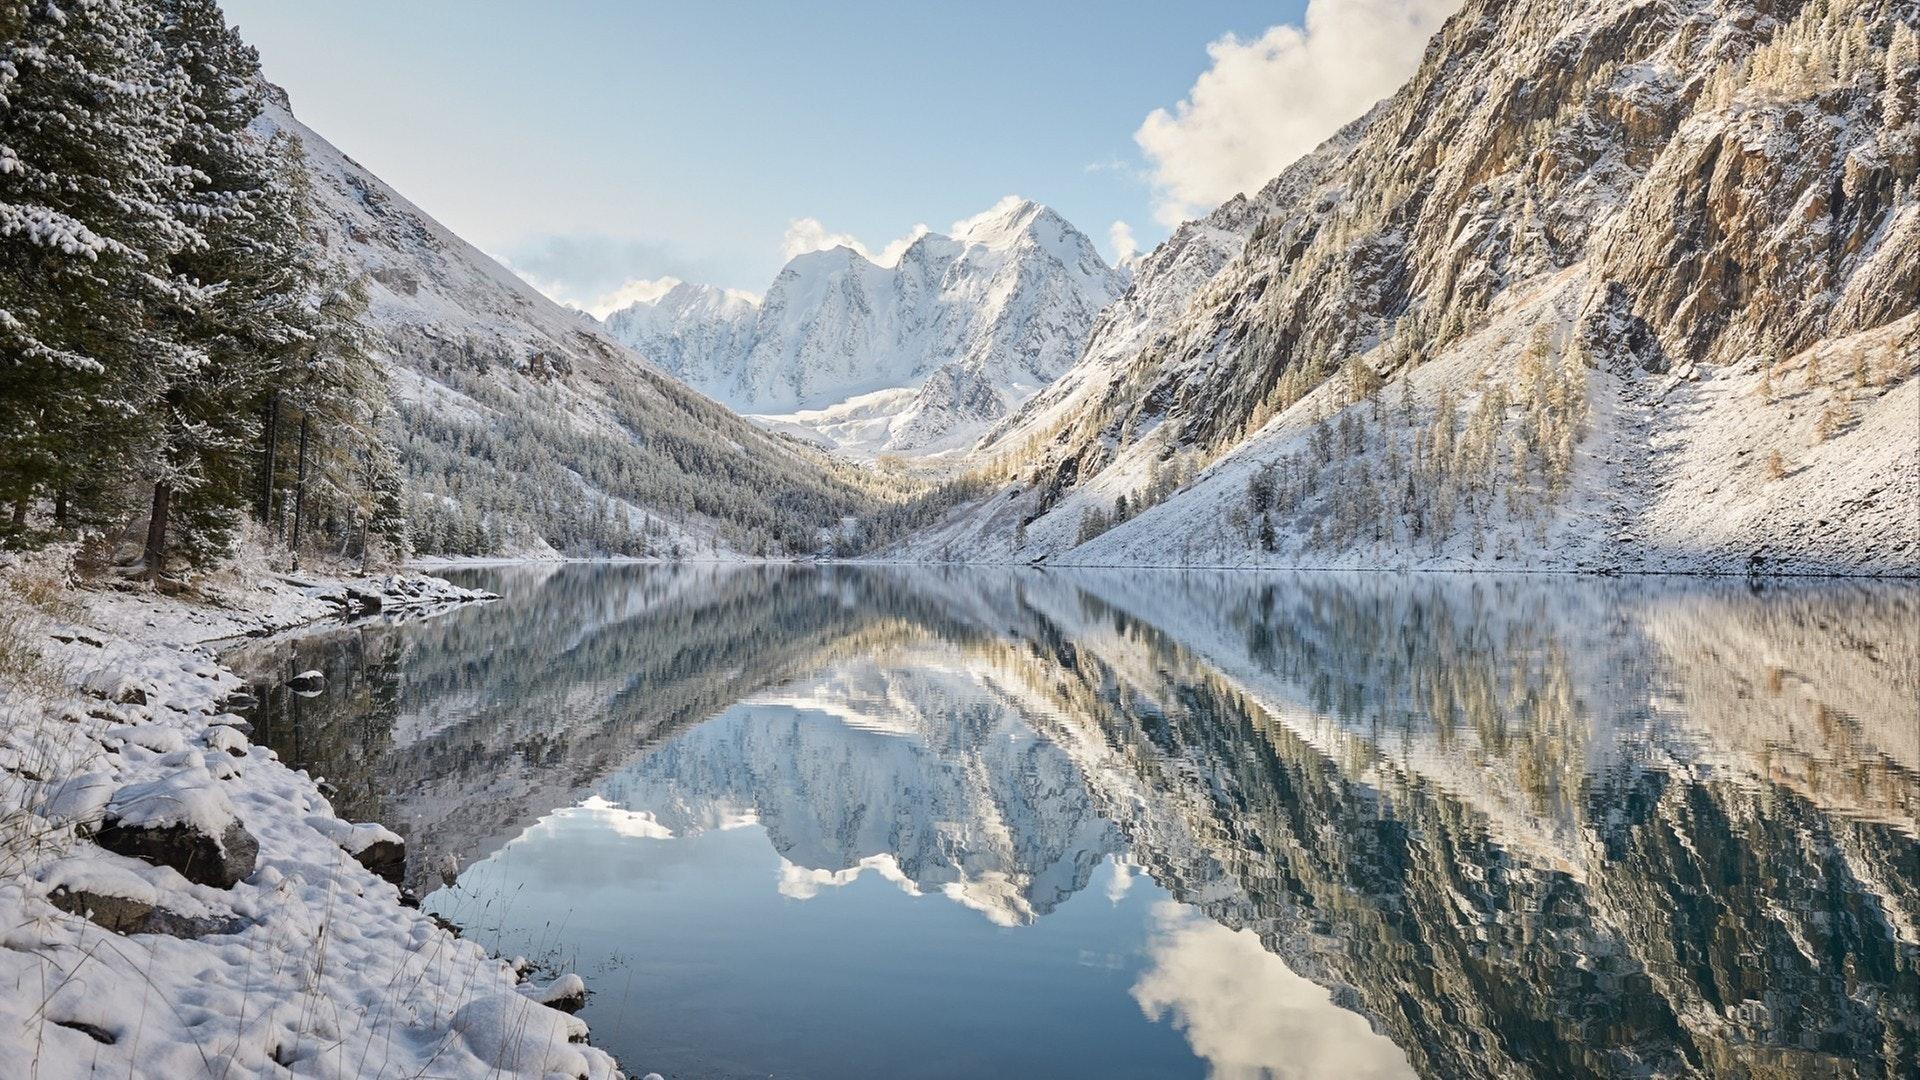 雪に覆われた冬の山湖、ロシア、シベリア、アルタイ山脈